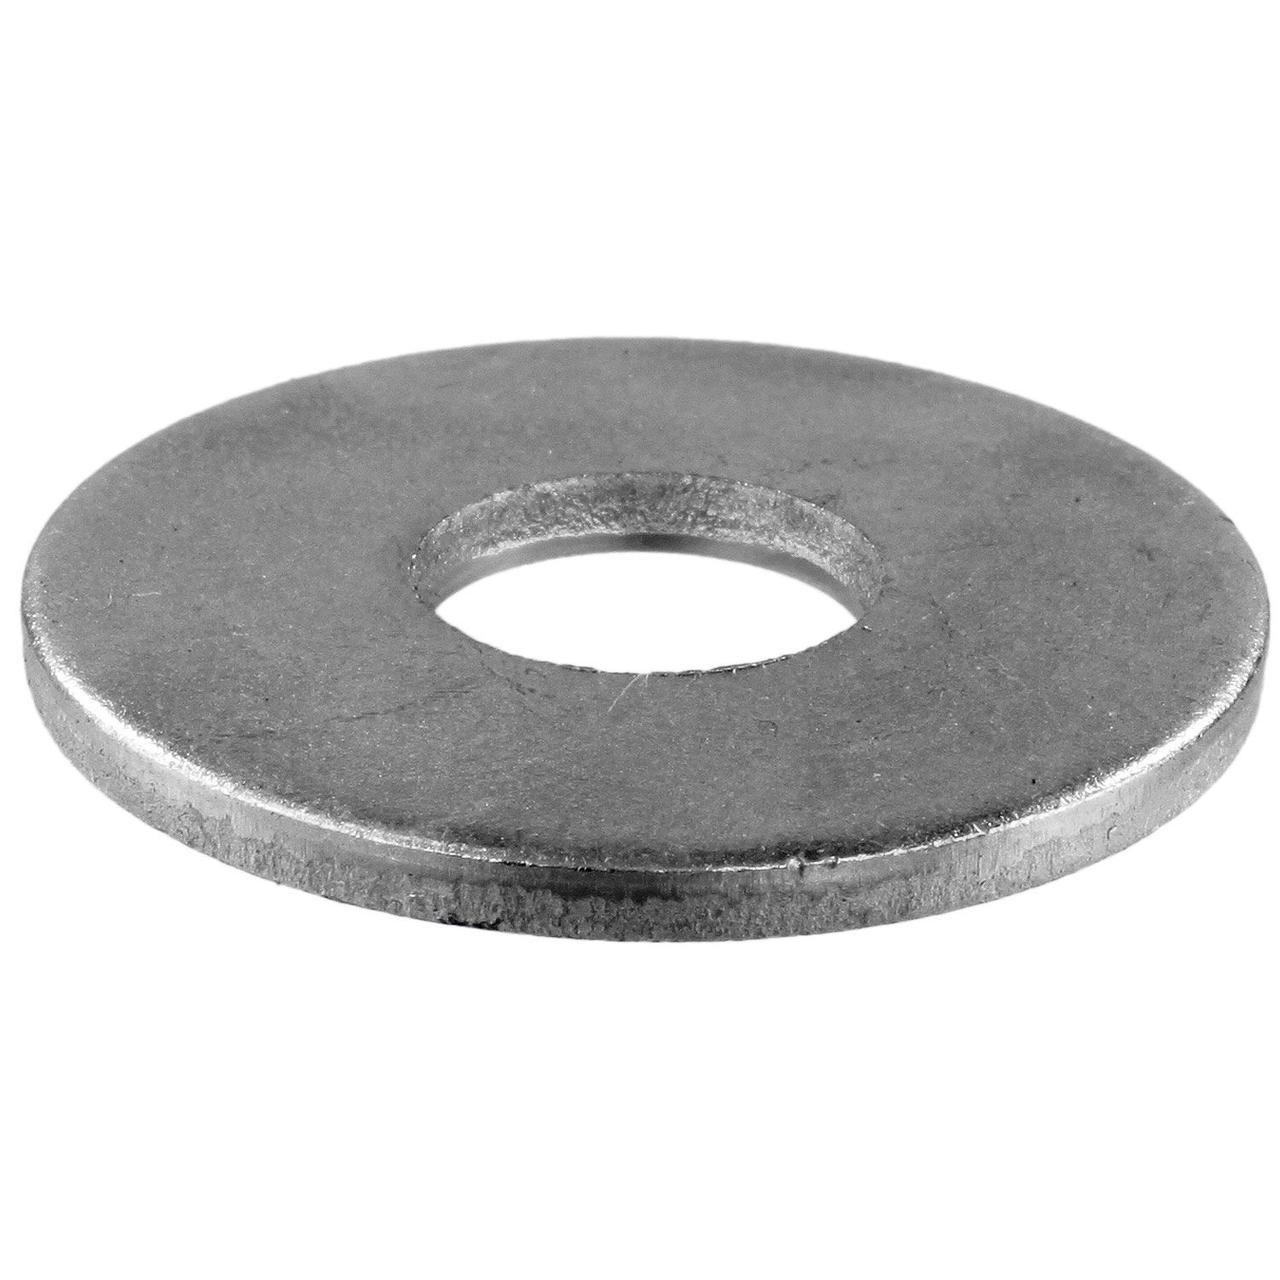 Кольцо ст 50Г2 1170х507х280 мм